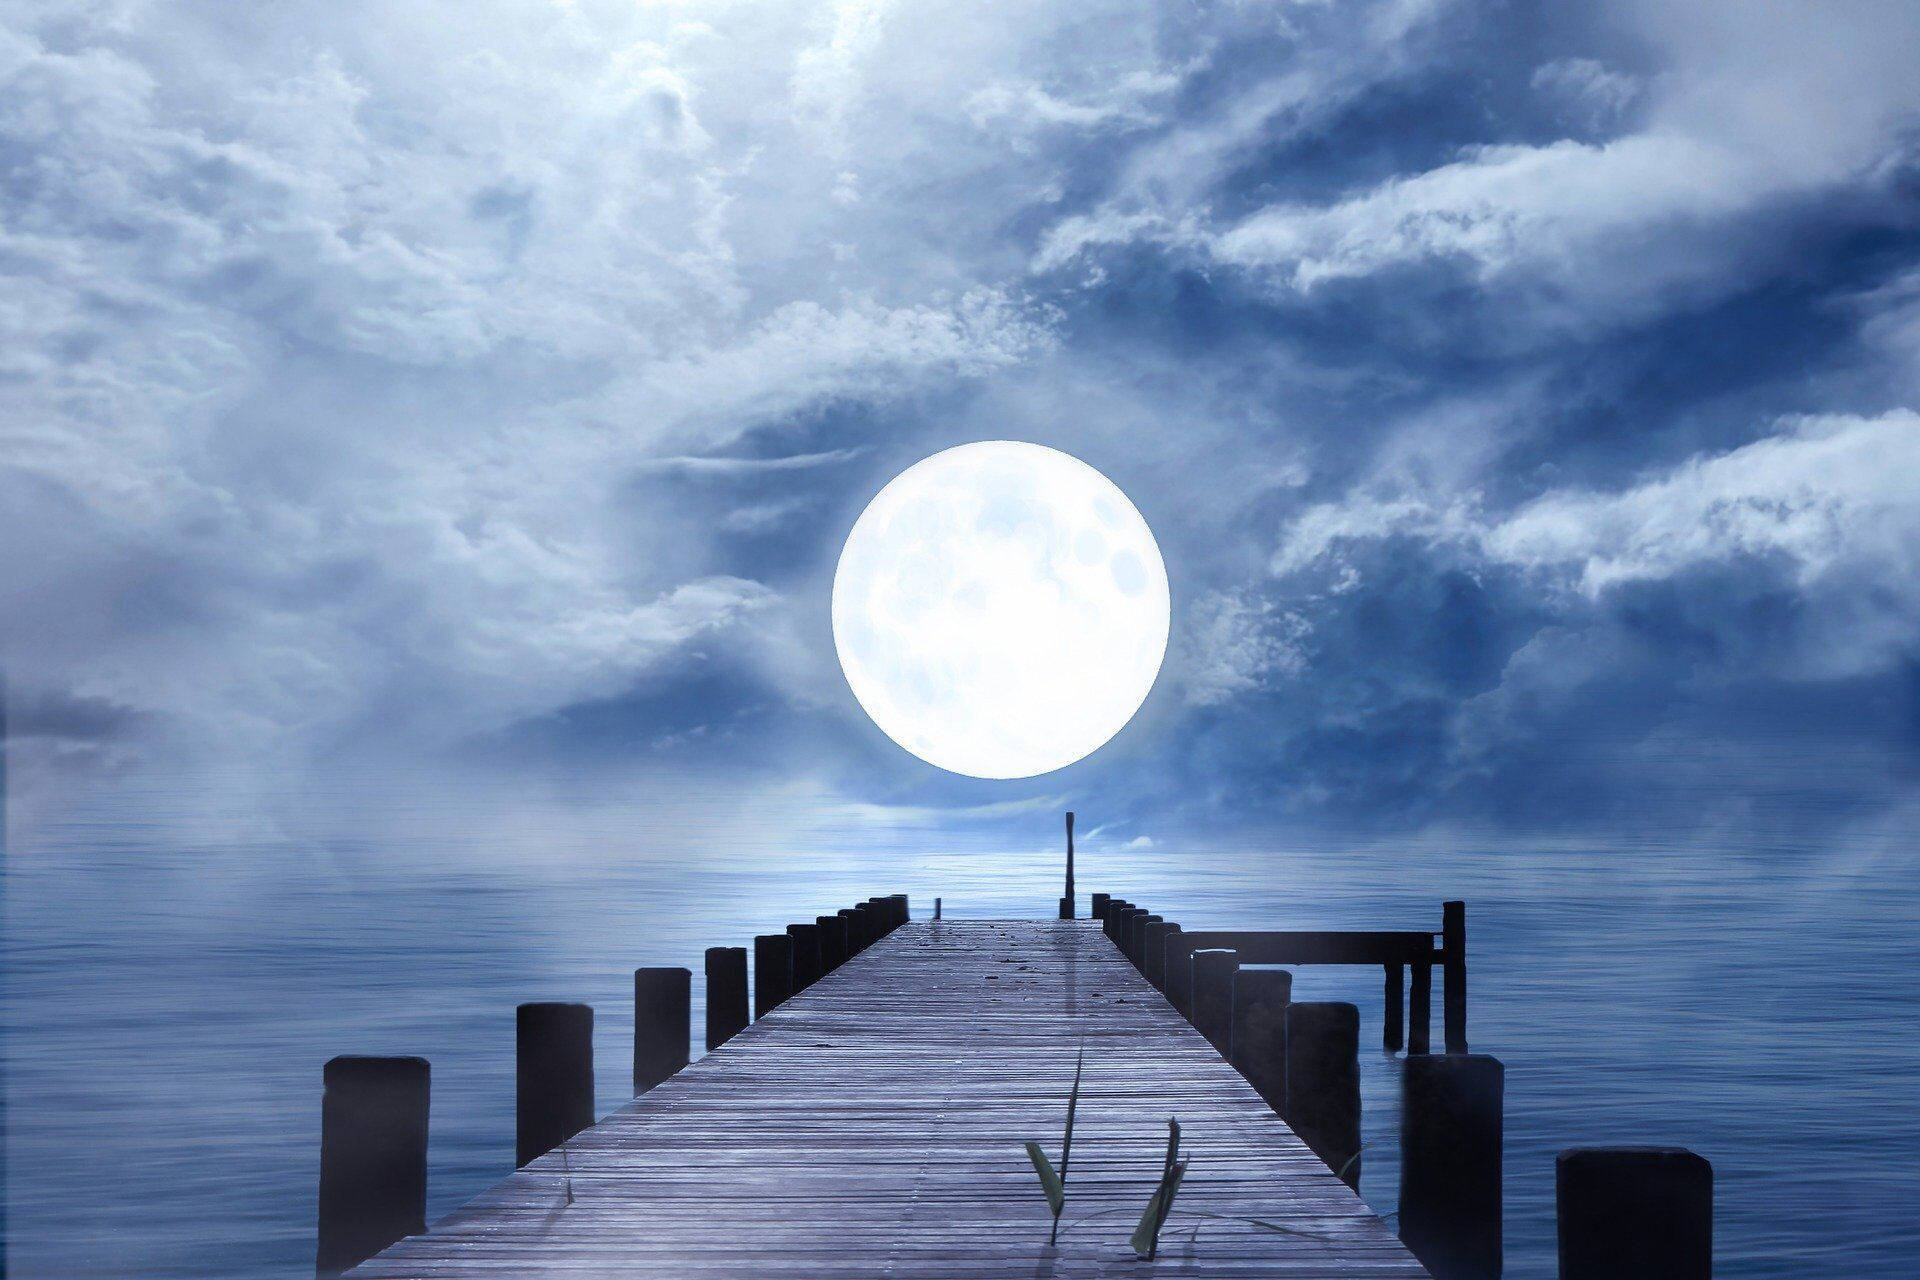 В период полнолуния появится возможность изменить свою судьбу, полагают астрологи